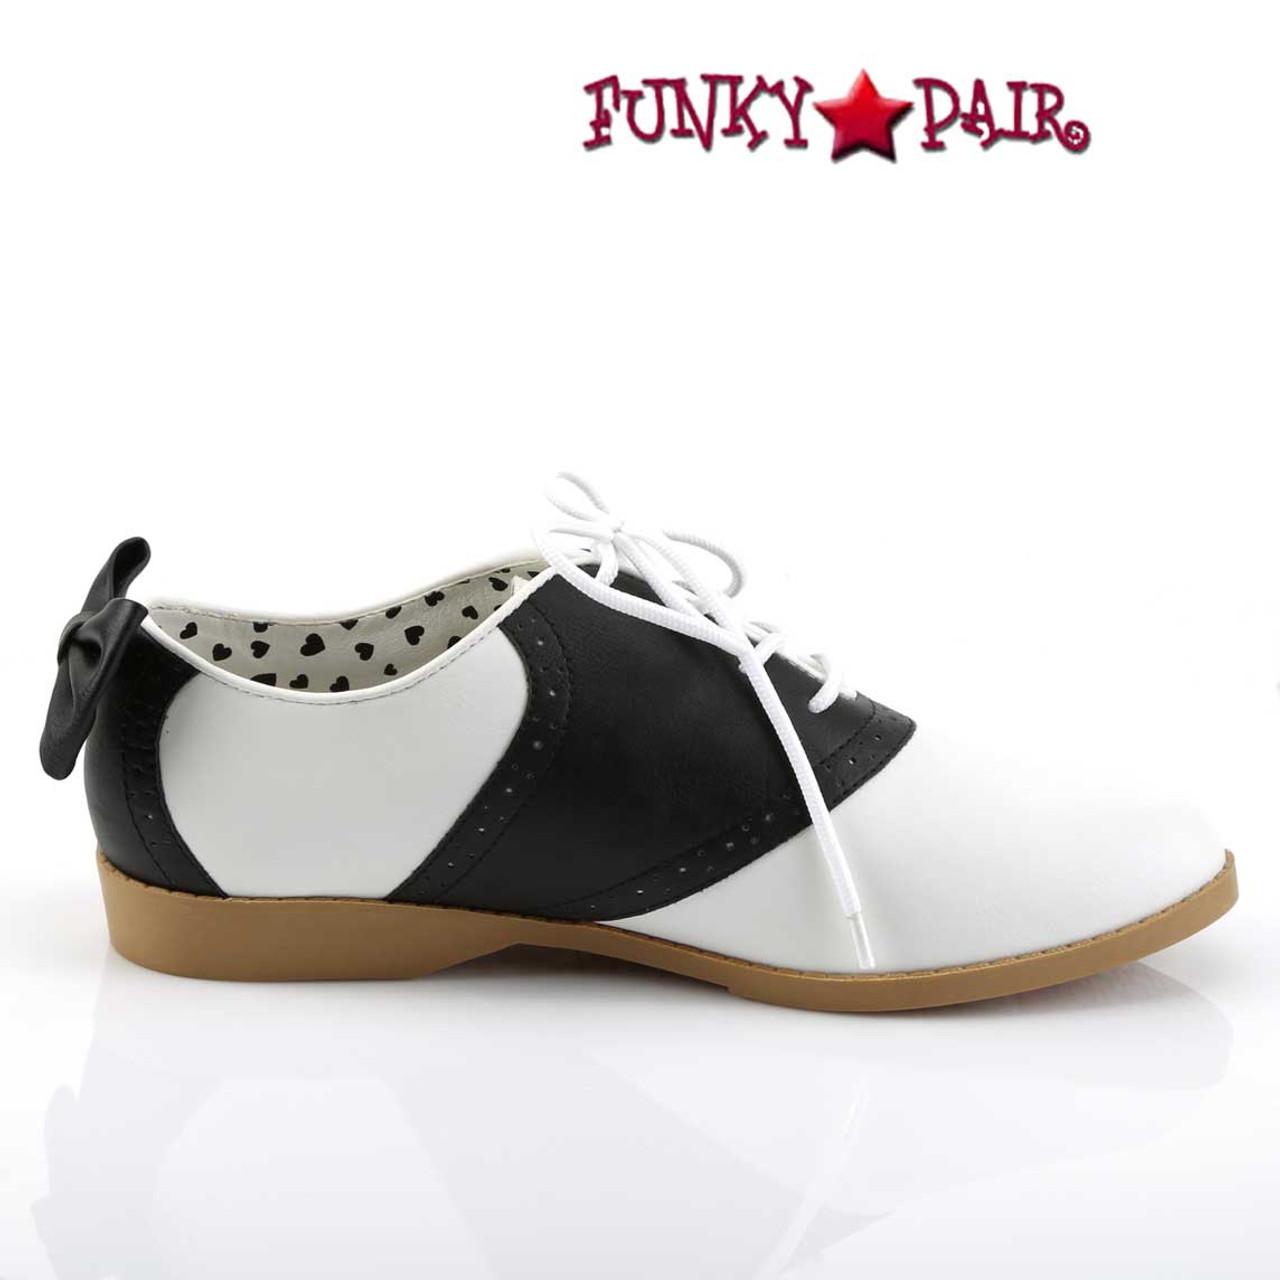 Womens Black /& White Bow Saddle Costume Shoes